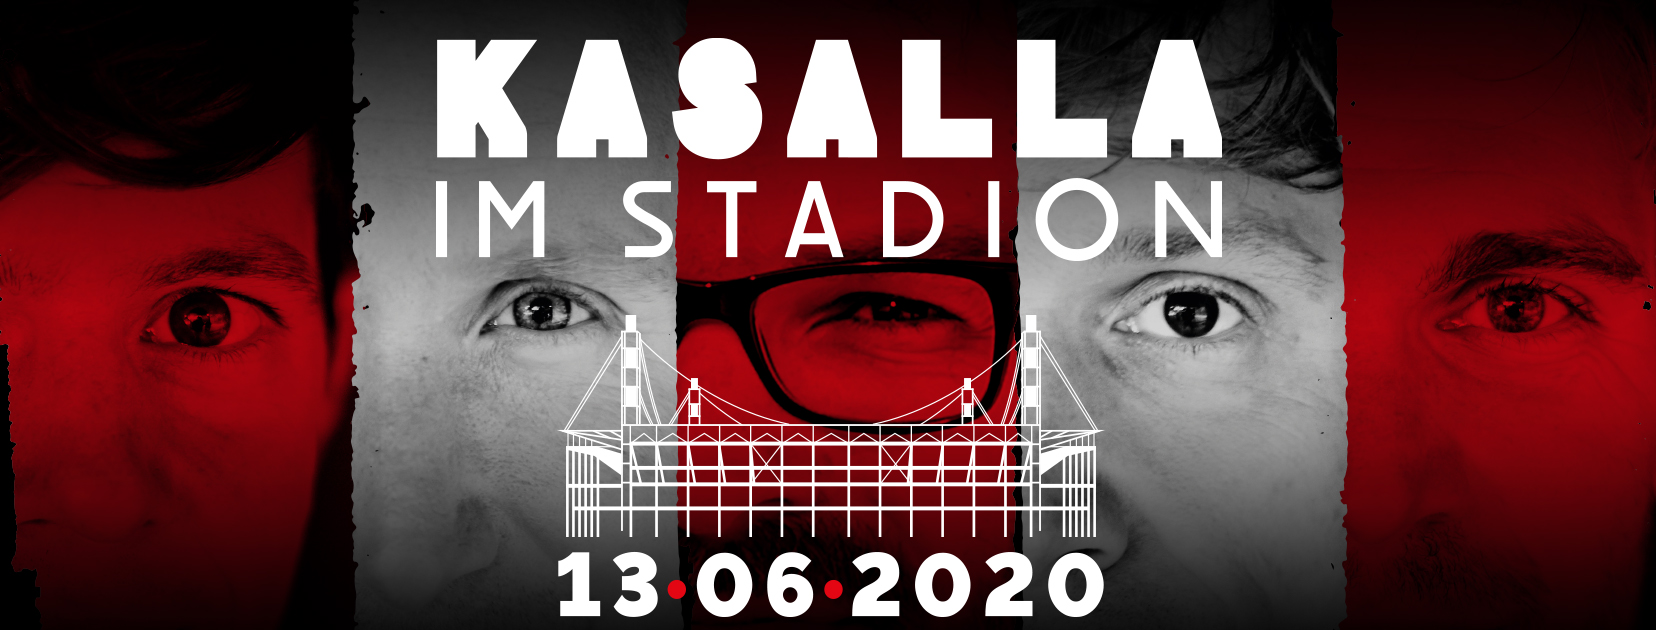 Kasalla stadion 2020